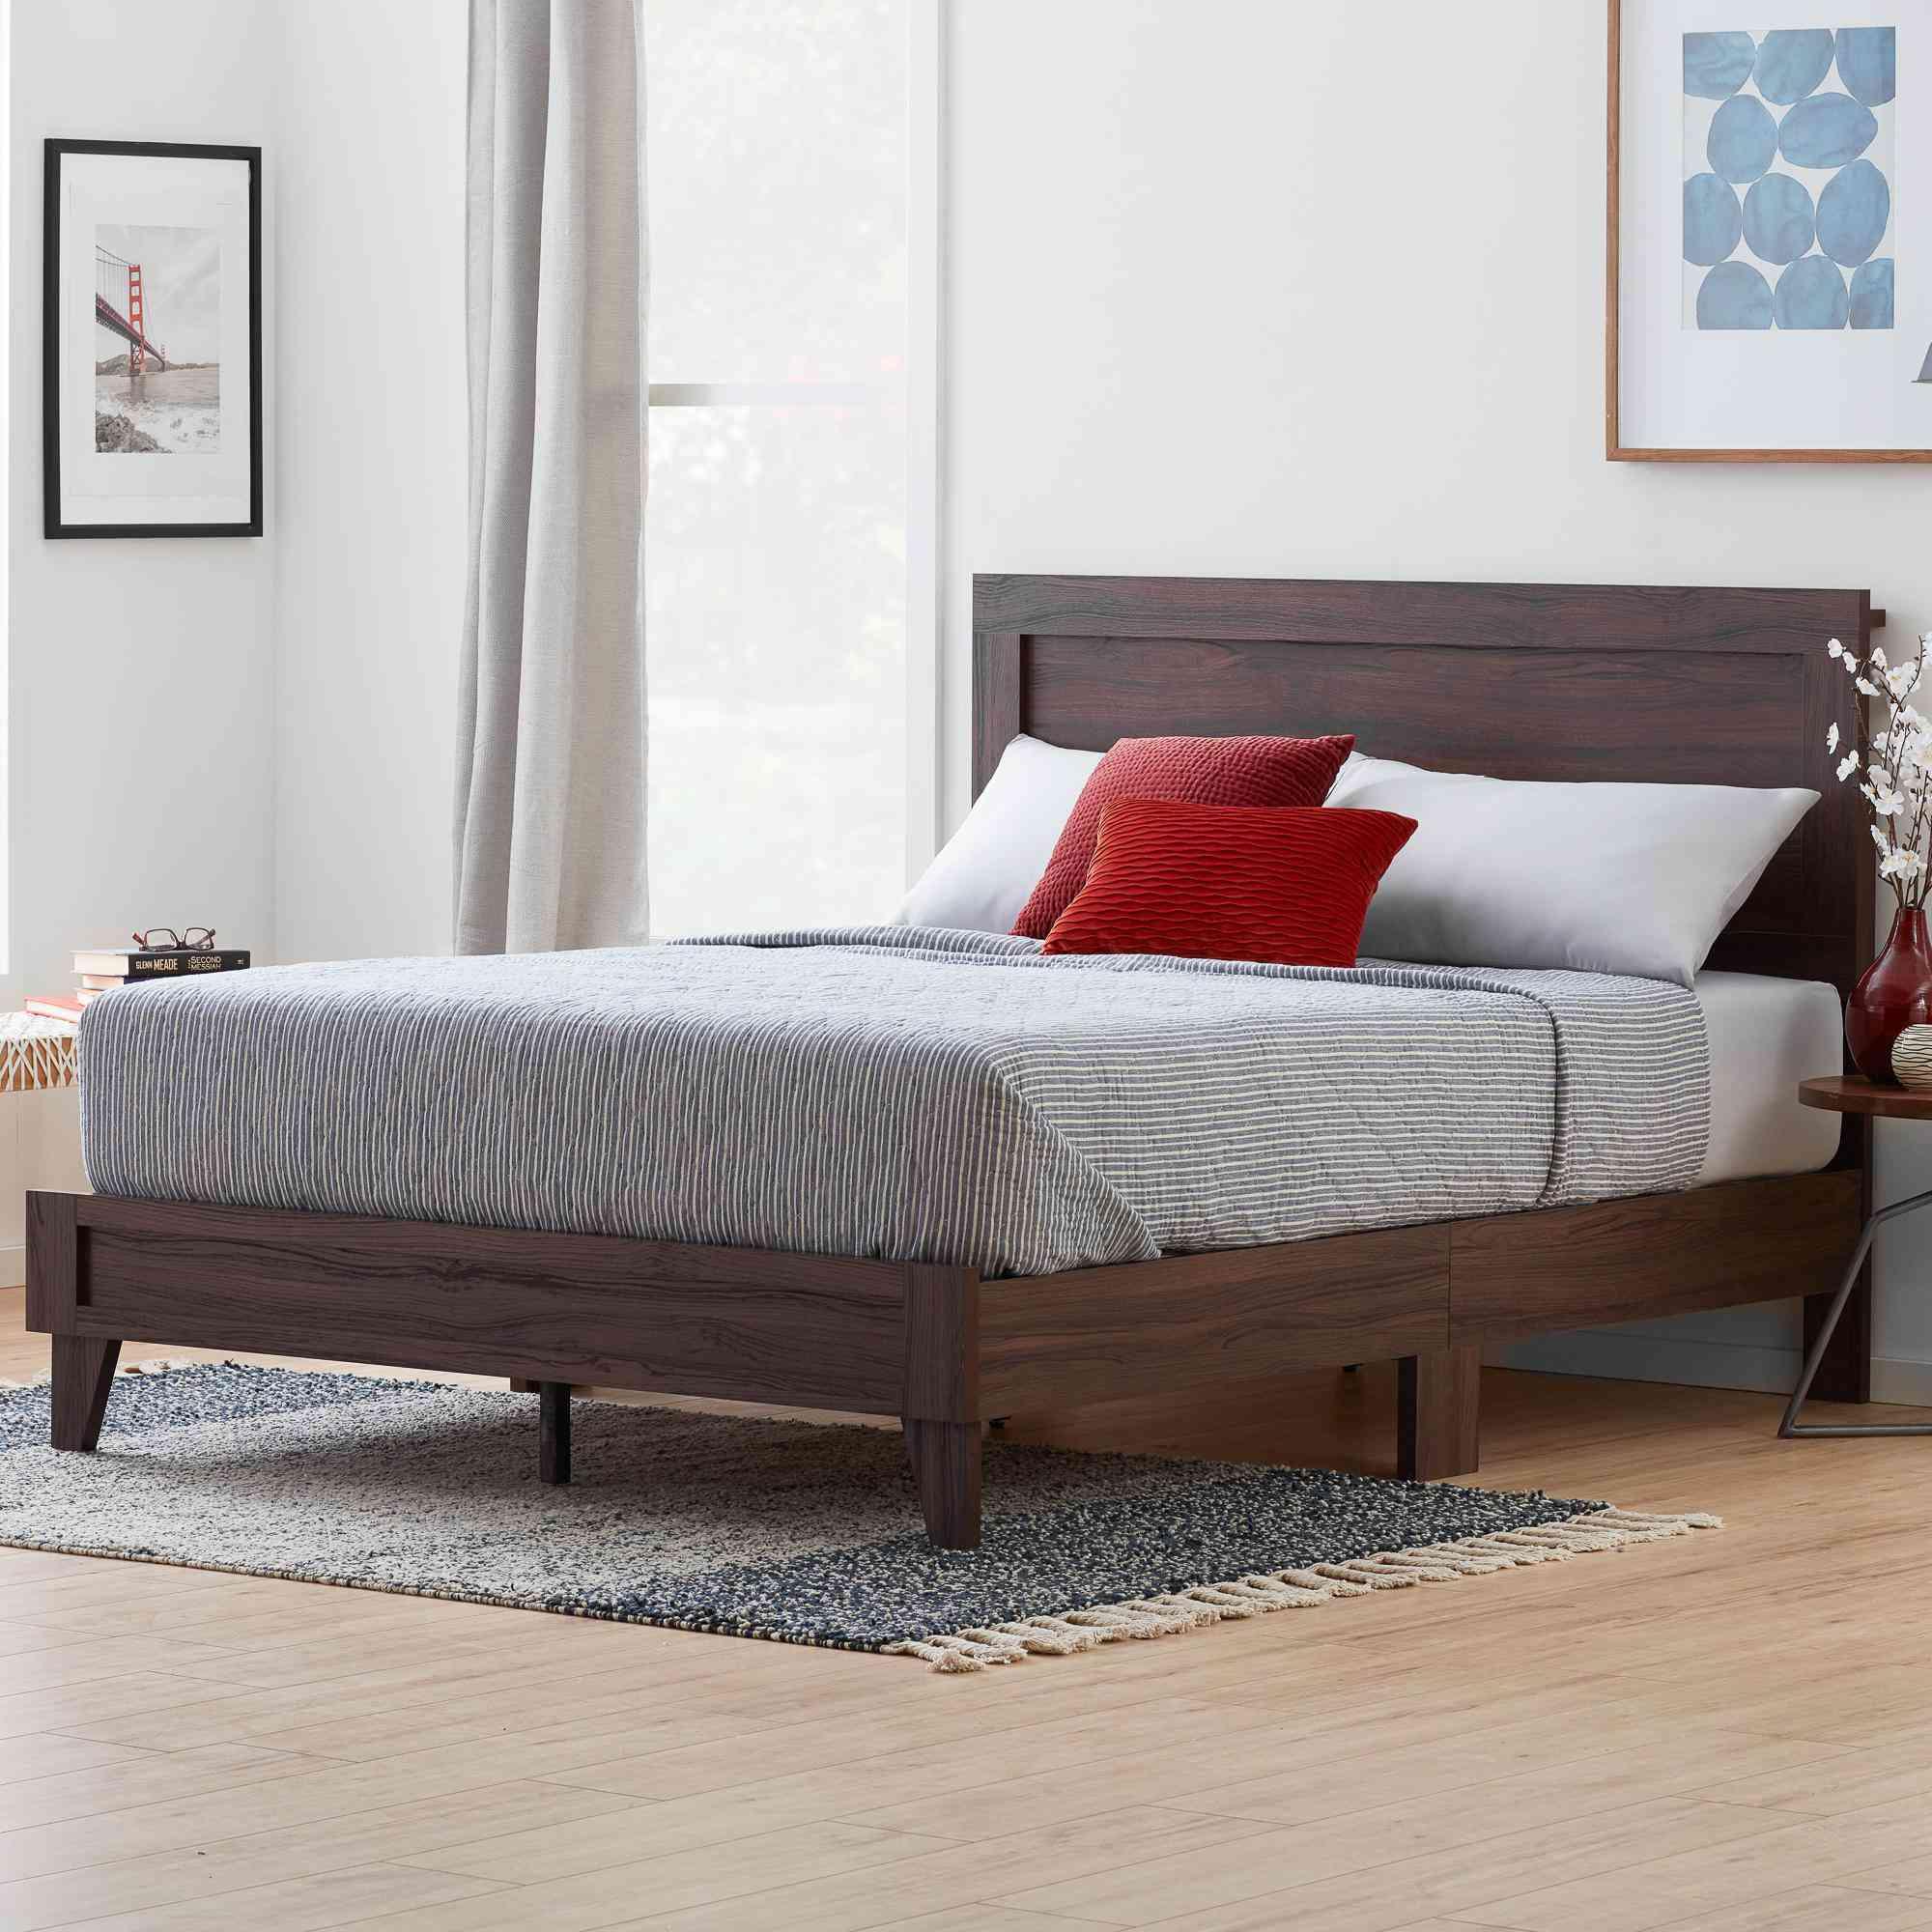 Rest Haven Durable Classic Framed Wood Platform Bed